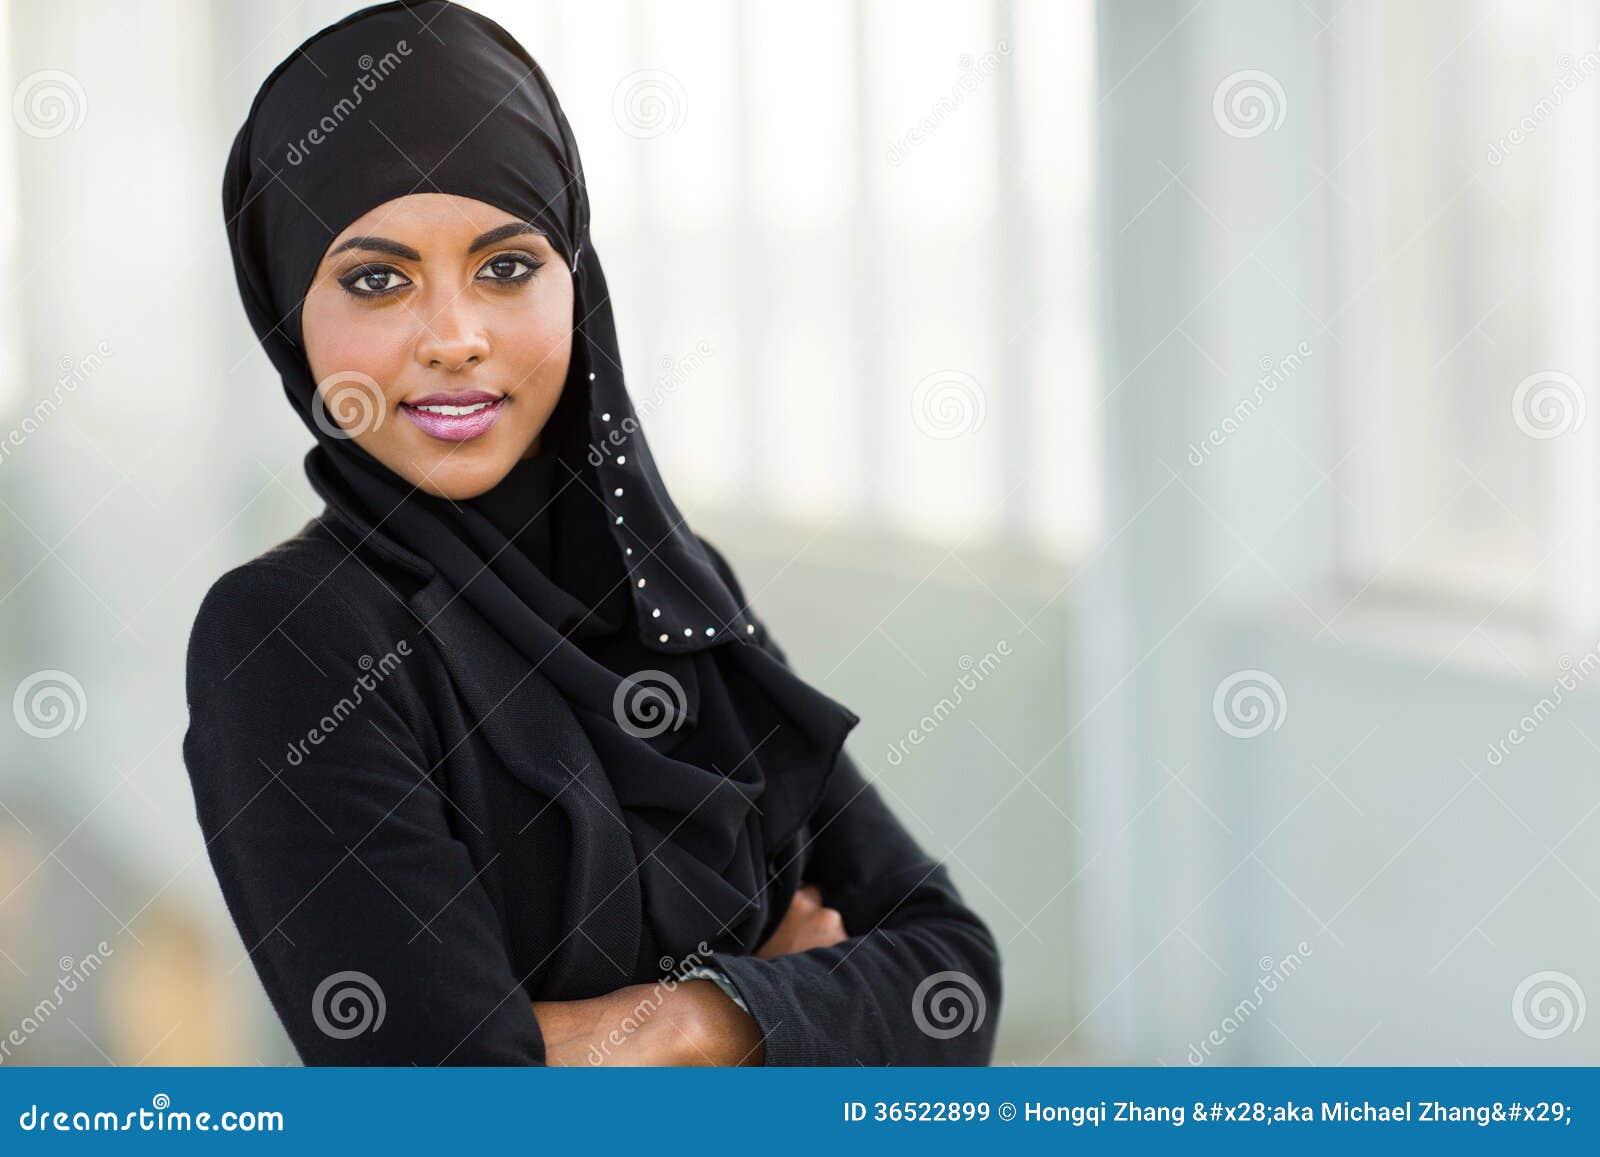 Employé de bureau arabe moderne